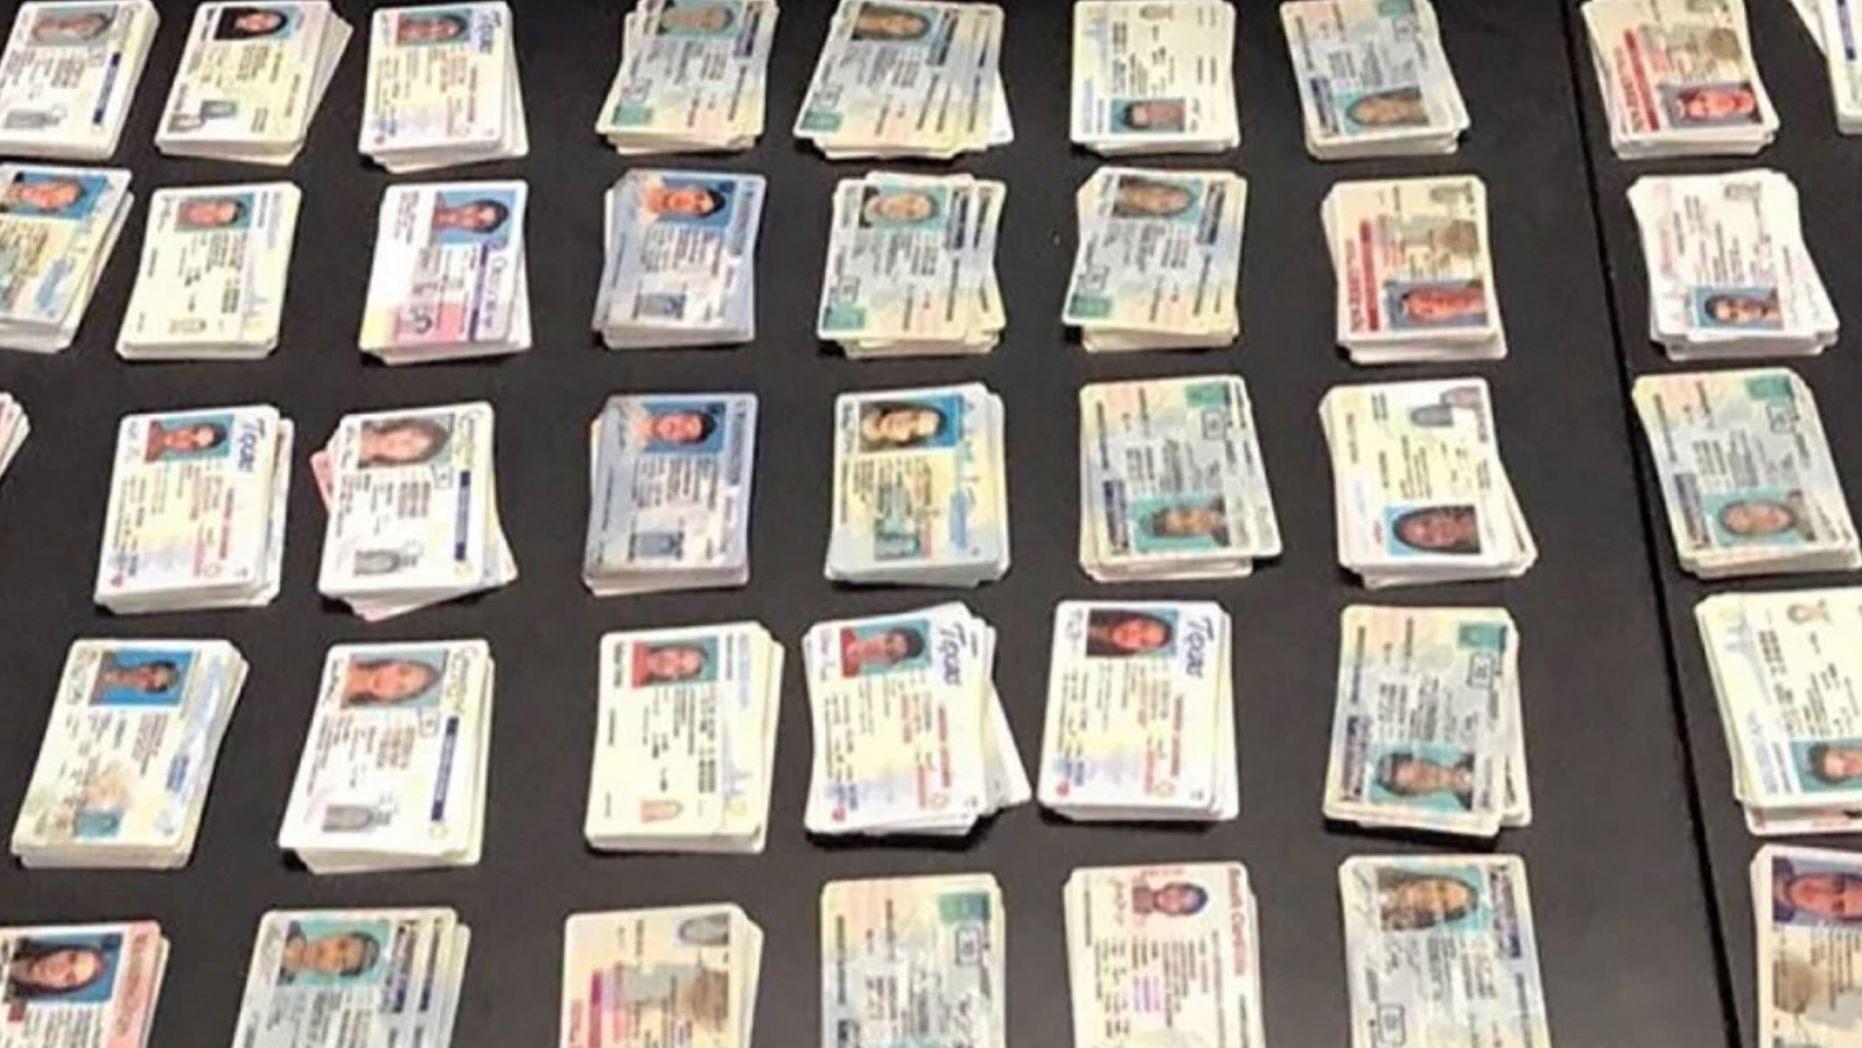 美國海關和邊境保護局在去年秋天查獲了從中國進入美國的偽造美國證件。(美國海關和邊境保護局)